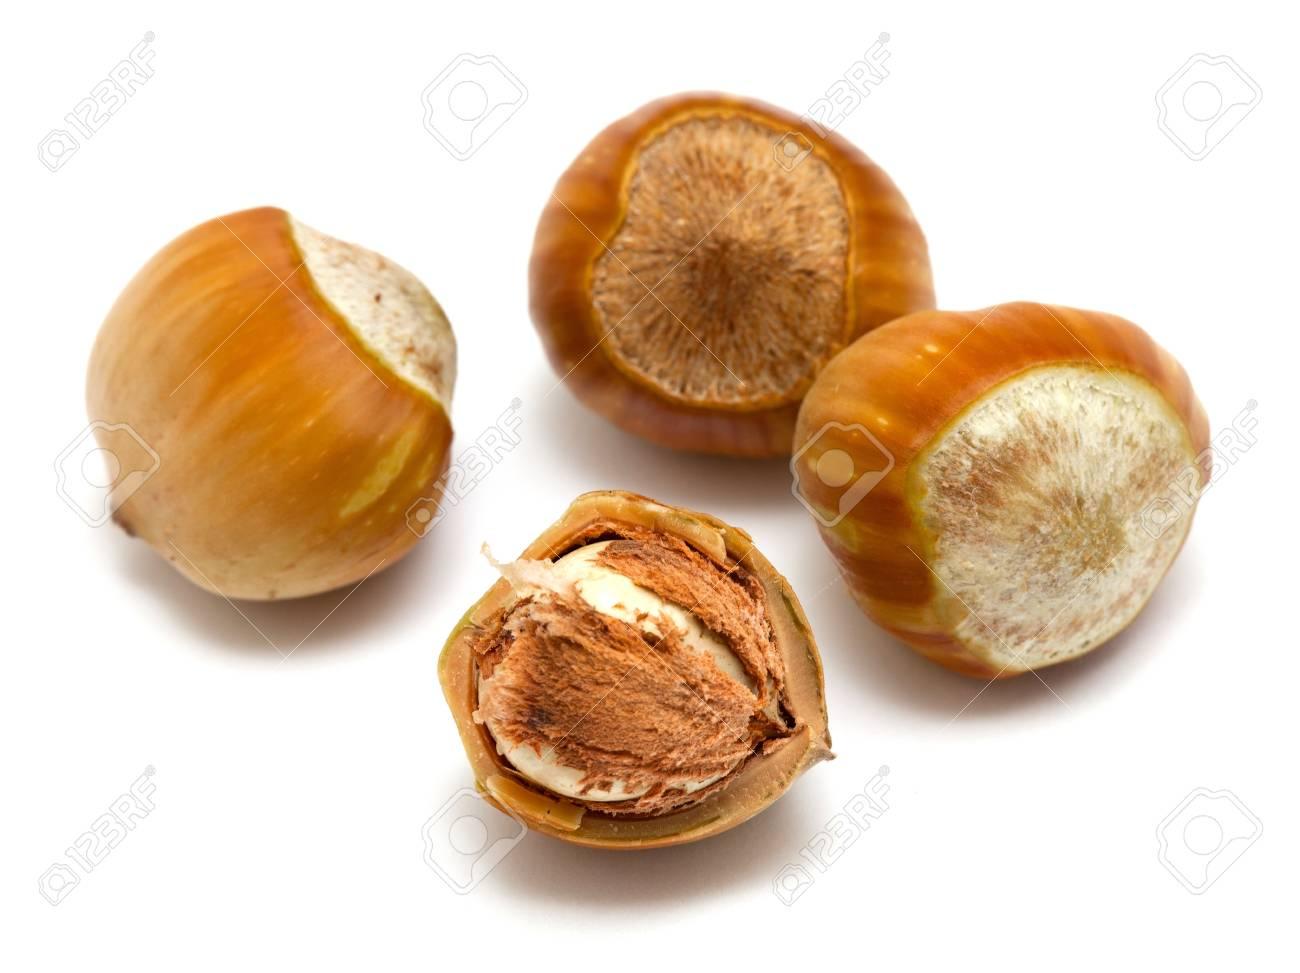 hazelnut close up isolated on white background Stock Photo - 15326324